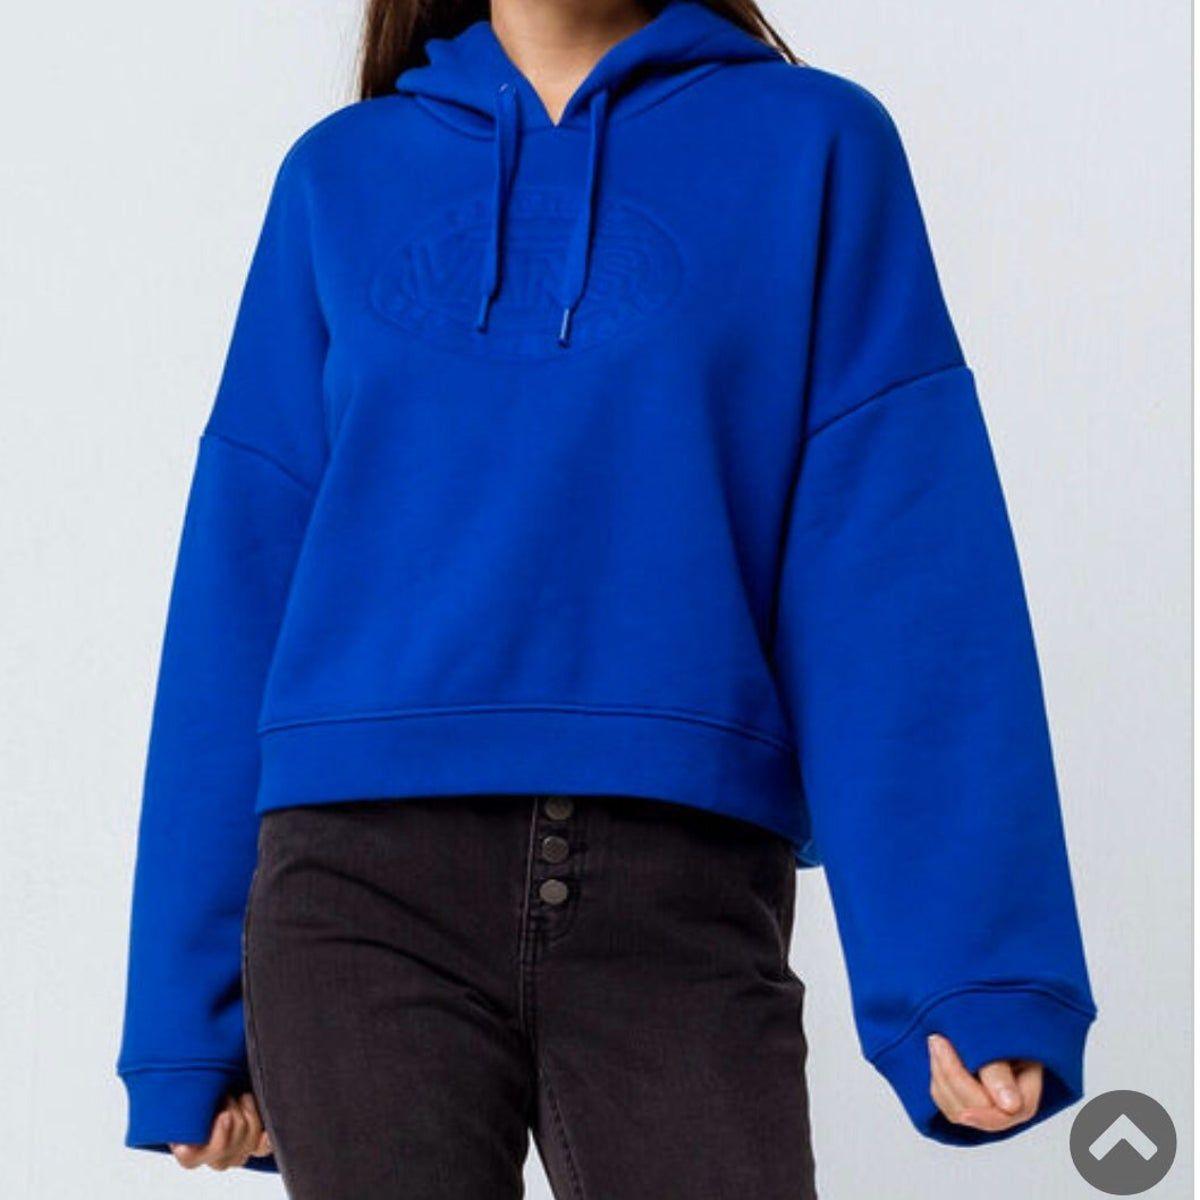 Nwt Vans Hoodie Royal Blue Bell Sleeve Royal Blue Sweater Royal Blue Jacket Hoodies Womens [ 1200 x 1200 Pixel ]